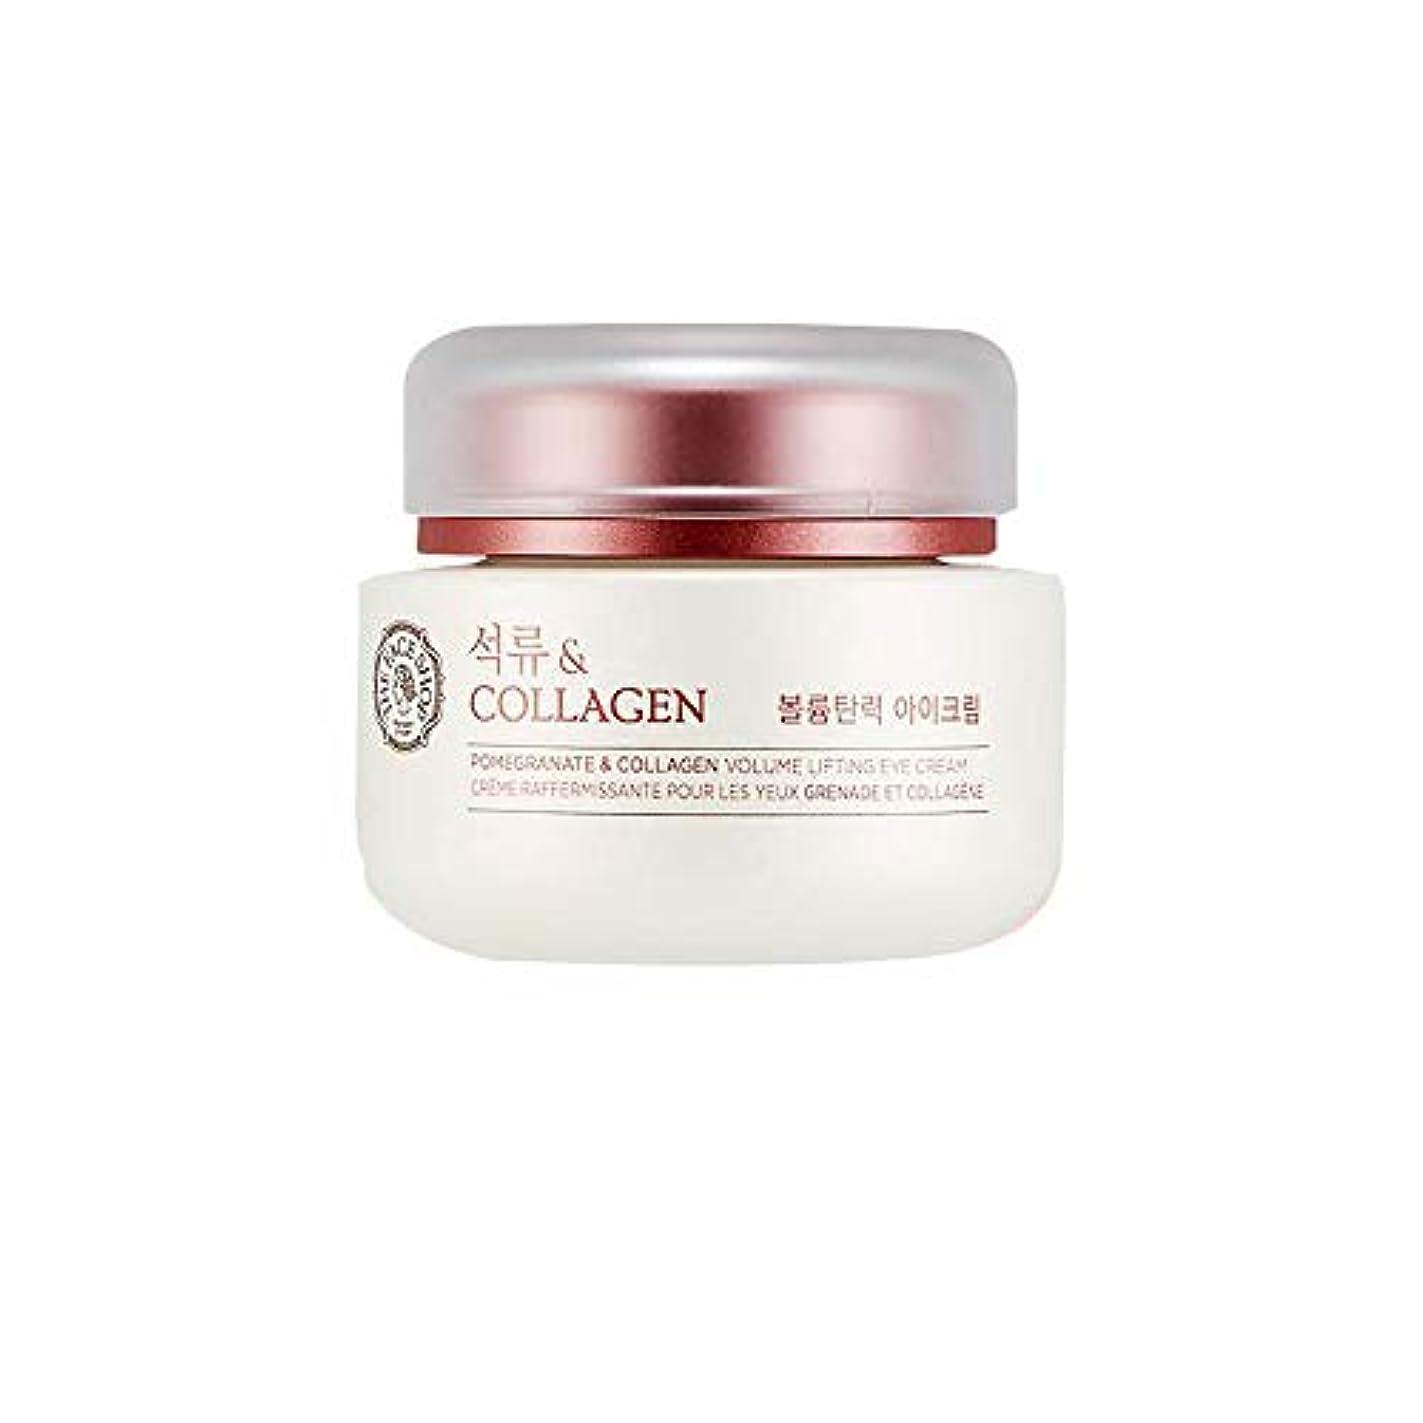 平手打ち六分儀邪魔[ザ·フェイスショップ]The Face Shop ザクロアンドコラーゲン弾力アイクリーム(50ml) The Face Shop Pomegranate & Collagen Lifting Eye Cream(50ml...